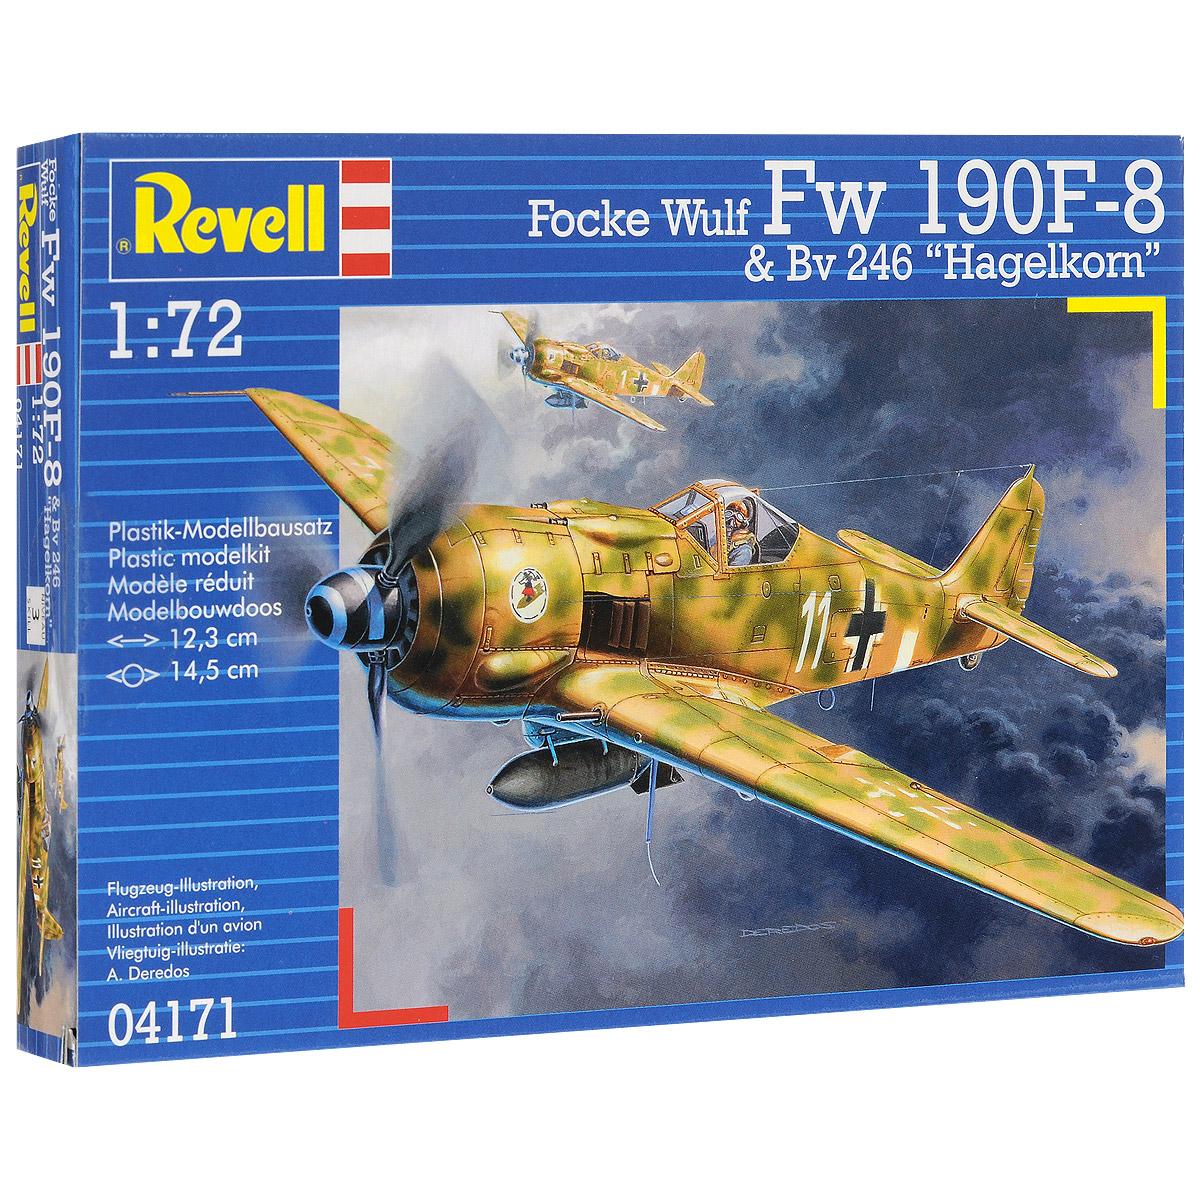 Сборная модель Revell Самолет Focke Wulf Fw 190 F-8 & Bv 246 Hagelkorn04171Сборная модель Revell Самолет Focke Wulf Fw 190 F-8 & Bv 246 Hagelkorn поможет вам и вашему ребенку придумать увлекательное занятие на долгое время. Набор включает в себя 57 пластиковых элементов, из которых можно собрать достоверную уменьшенную копию одноименного самолета. Первый полет самолет совершил за несколько месяцев до начала войны. В эскадрильи новые машины стали поступать лишь в начале 1941 года. На Восточном фронте Fw-190 впервые были задействованы под Ленинградом. Немецкая машина проигрывала основным советским истребителям в маневренности, но благодаря высокой скорости пикирования летчики Люфтваффе могли легко выходить из боя. В целом новый истребитель не давал им особых преимуществ перед советскими пилотами. Поэтому основным истребителем на Восточном фронте стал BF-109. Модификация Fw 190 А-8 создавалась, прежде всего, для борьбы с бомбардировщиками союзников. Машина получила усиленное бронирование и вооружение. Была установлена система форсажа, а...